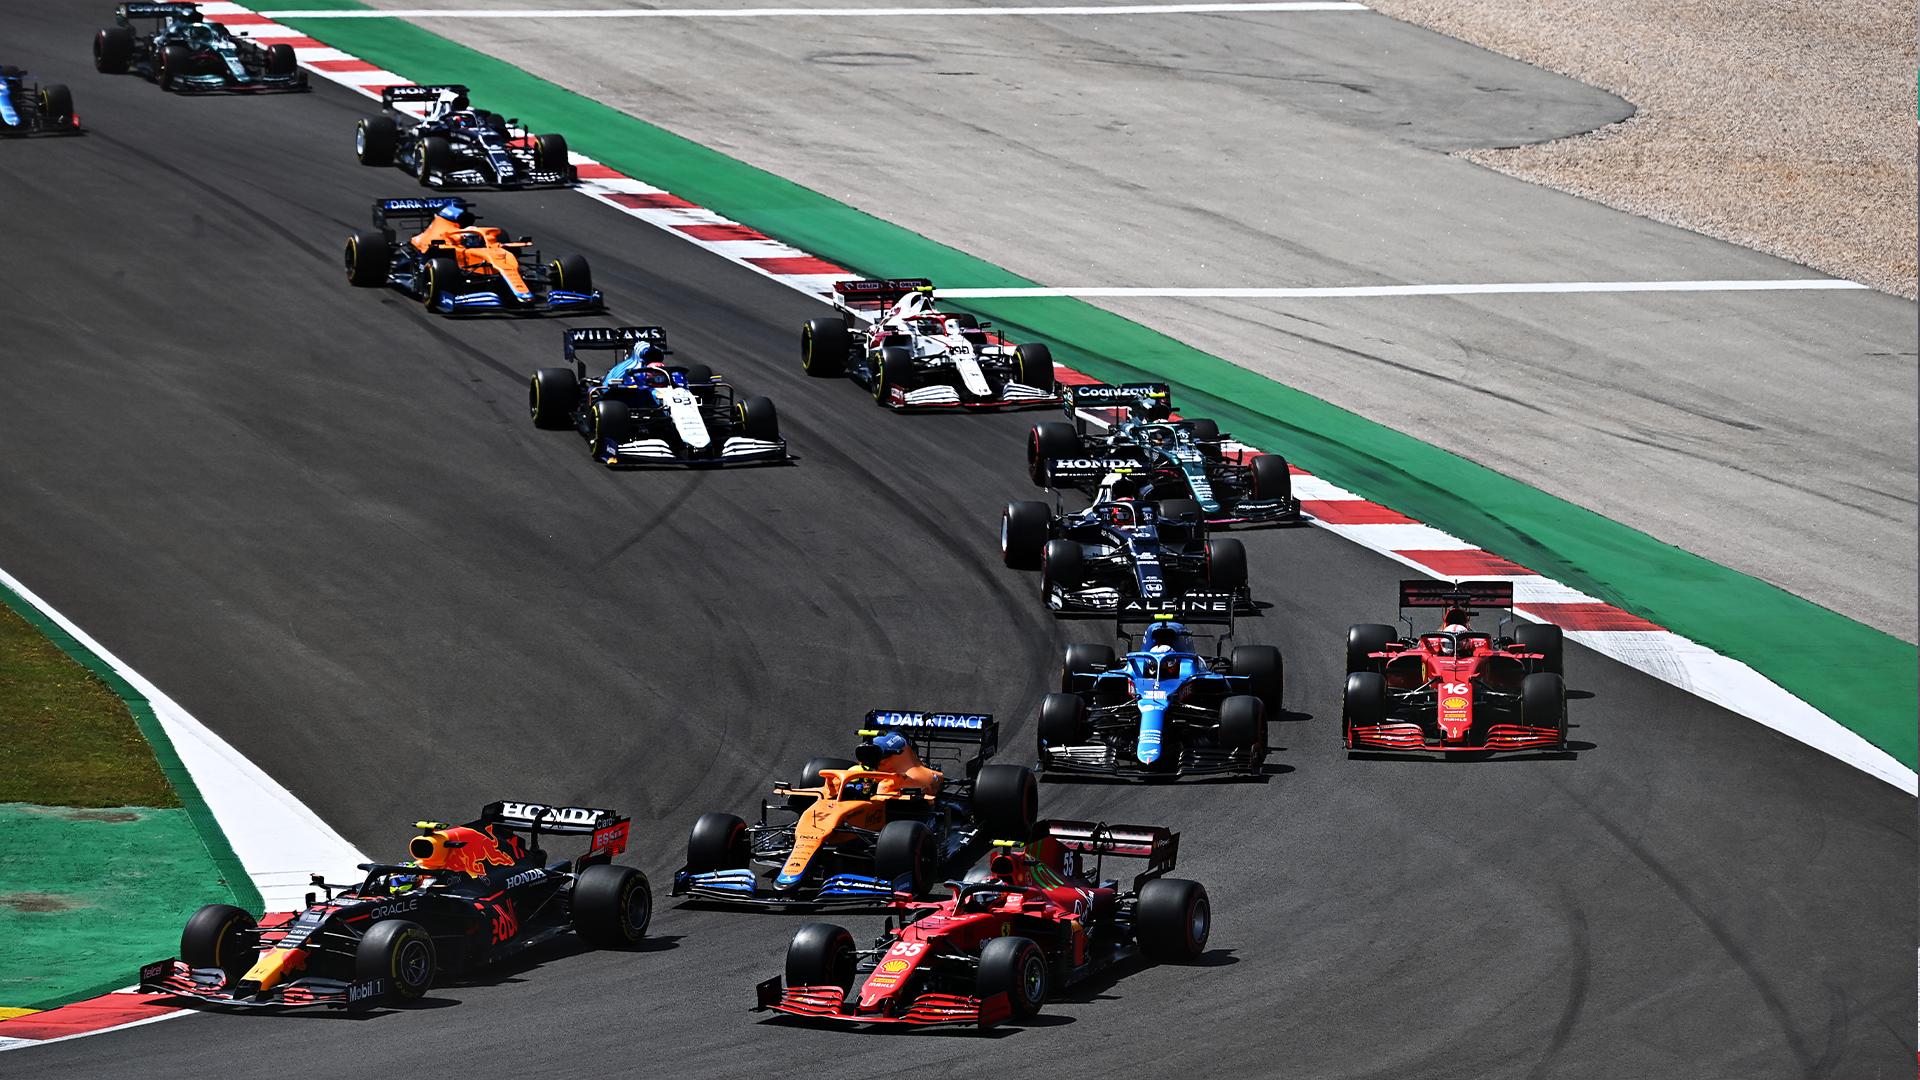 F1 - Les résultats définitifs du Grand Prix F1 du Portugal 2021